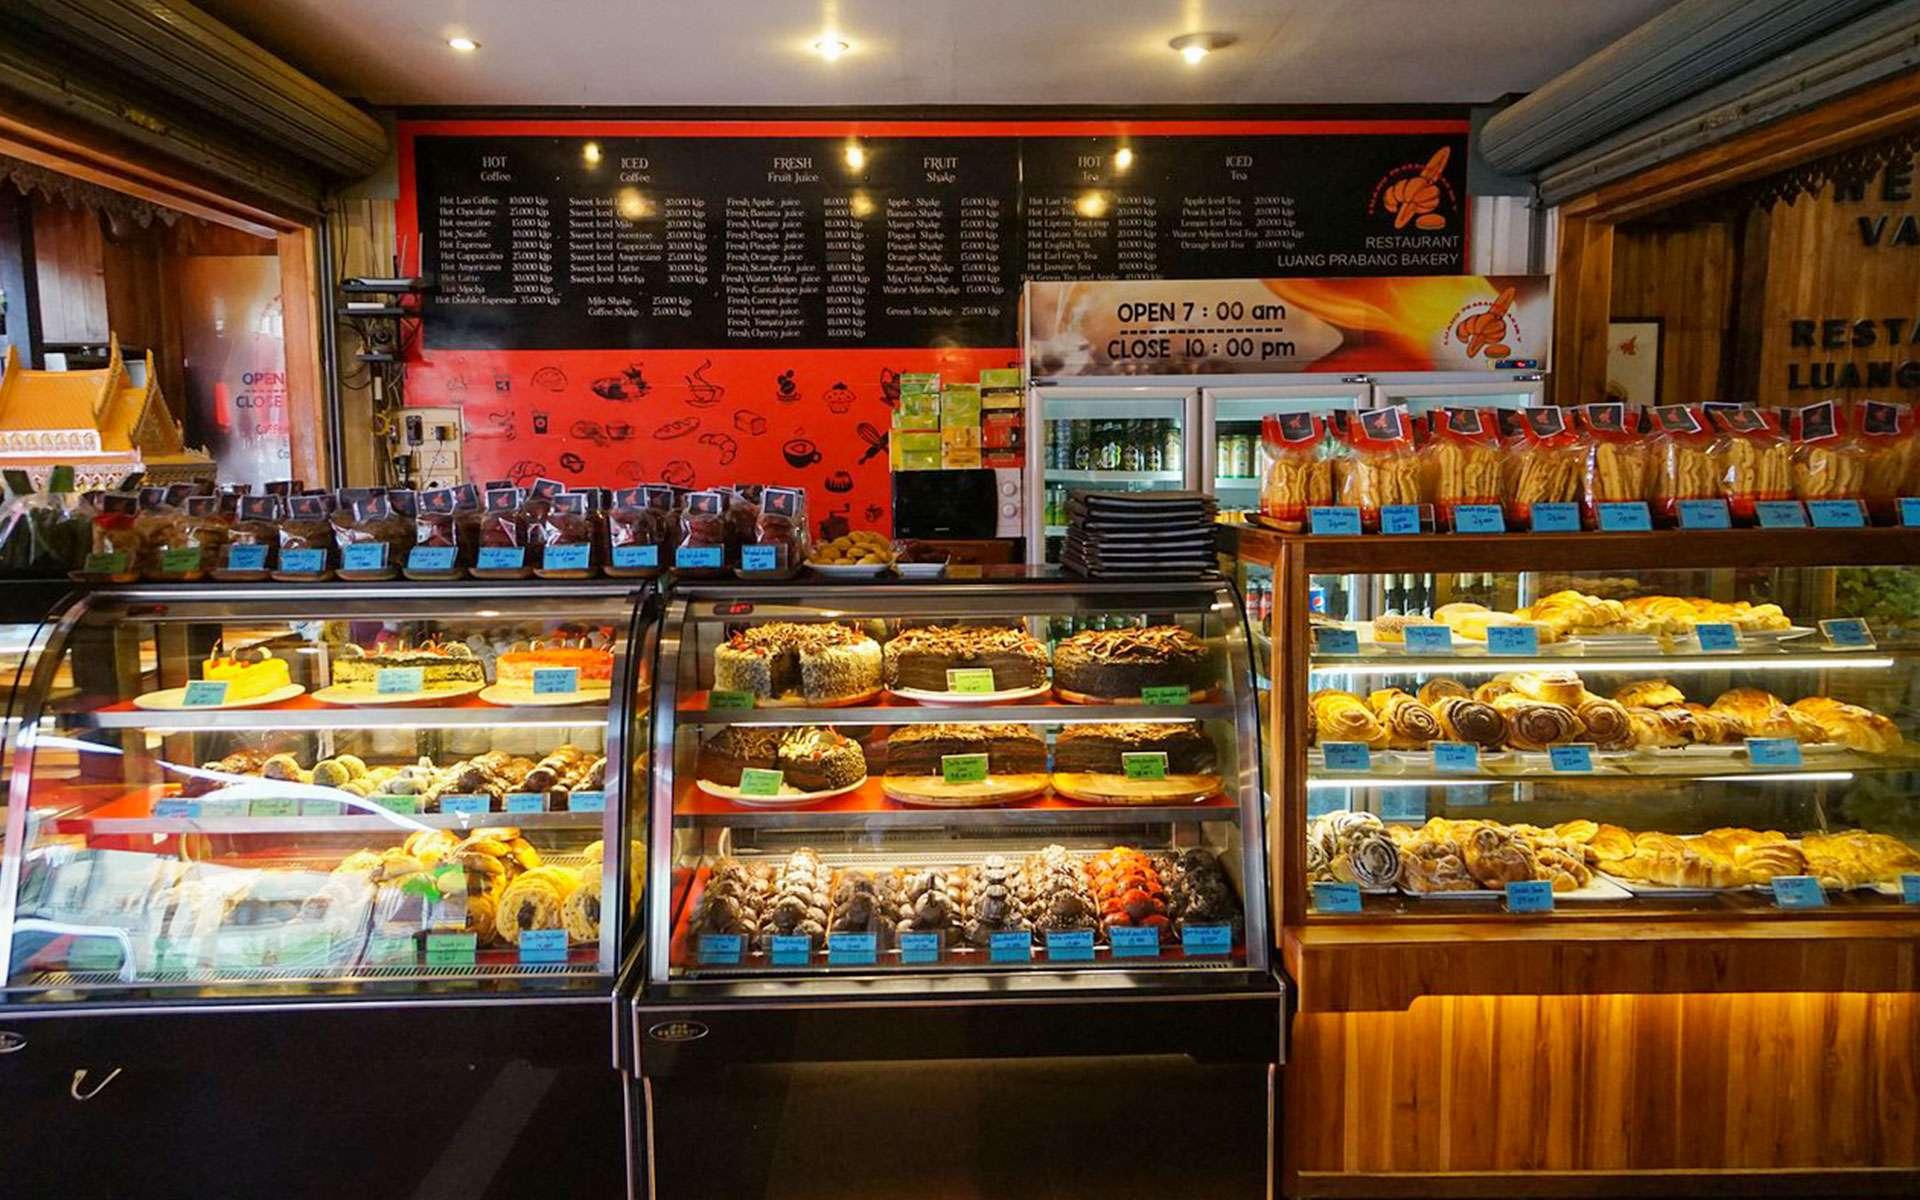 Luang Prabang Bakery